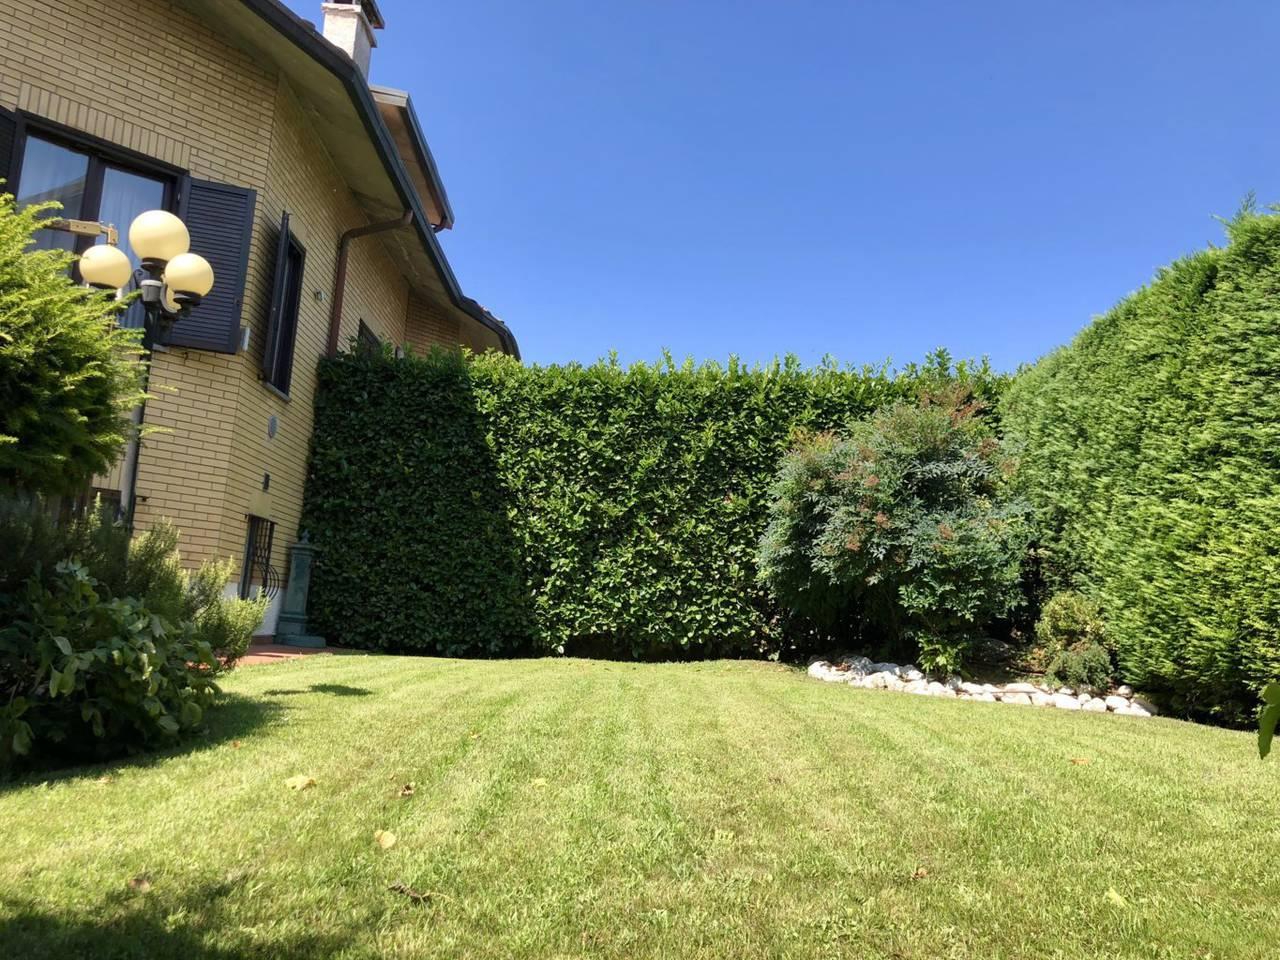 Villa-in-vendita-a-Caronno-Pertusella-4